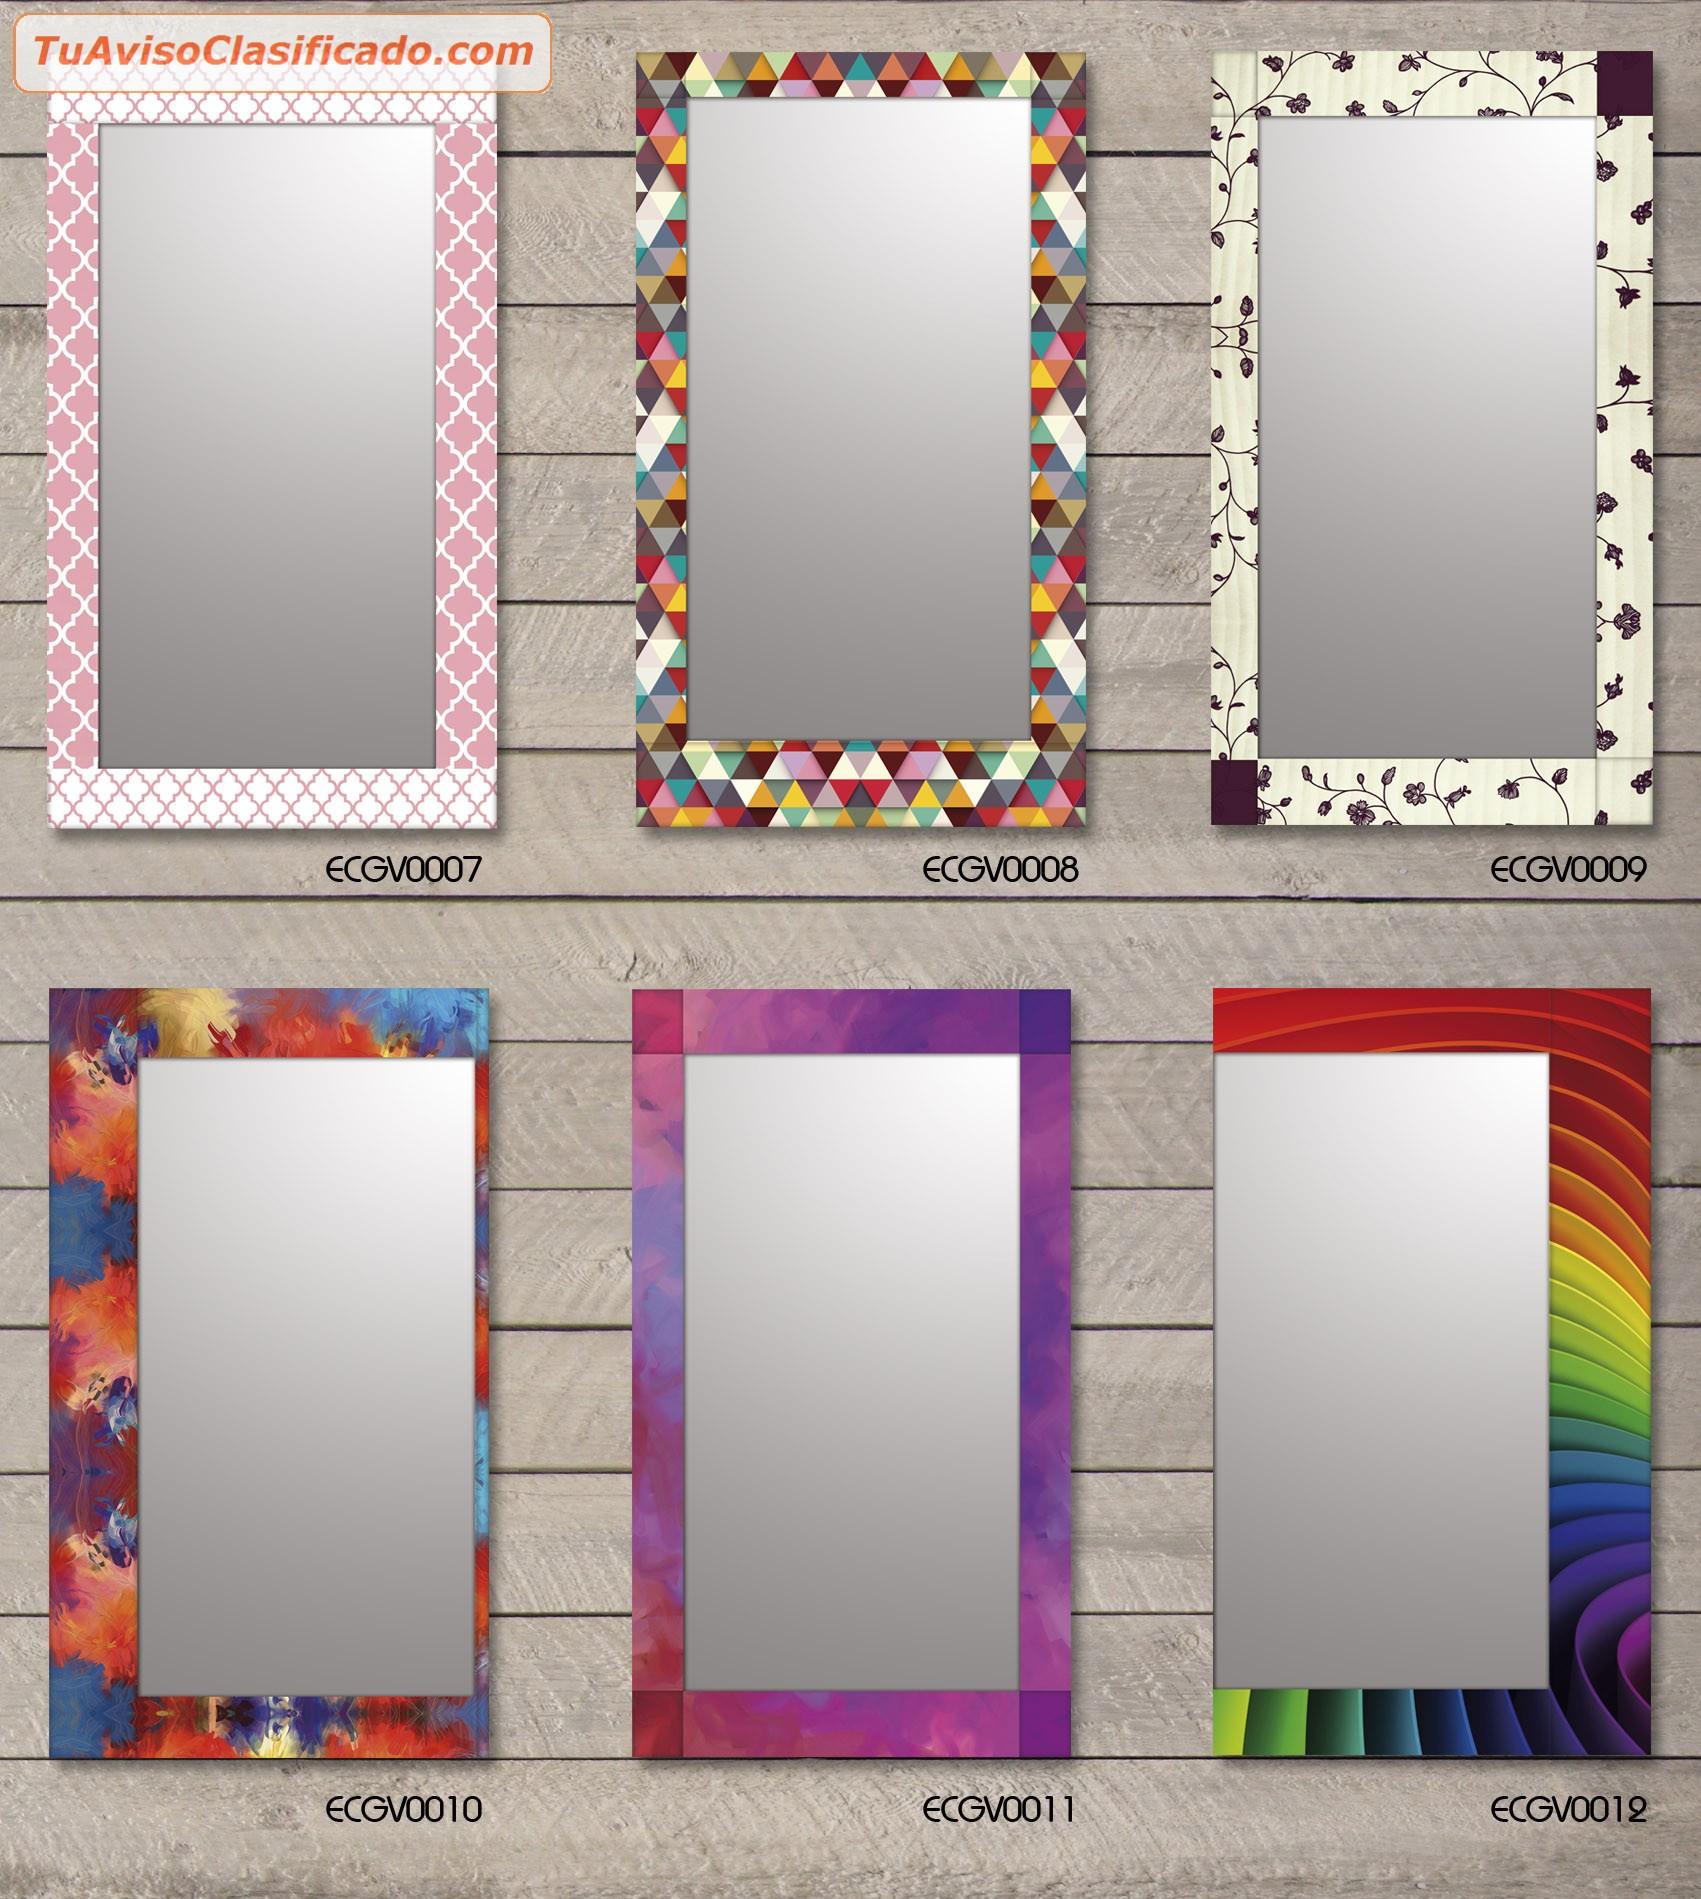 Espejos modernos novedad guardas de vidrio full color el for Espejos de decoracion modernos